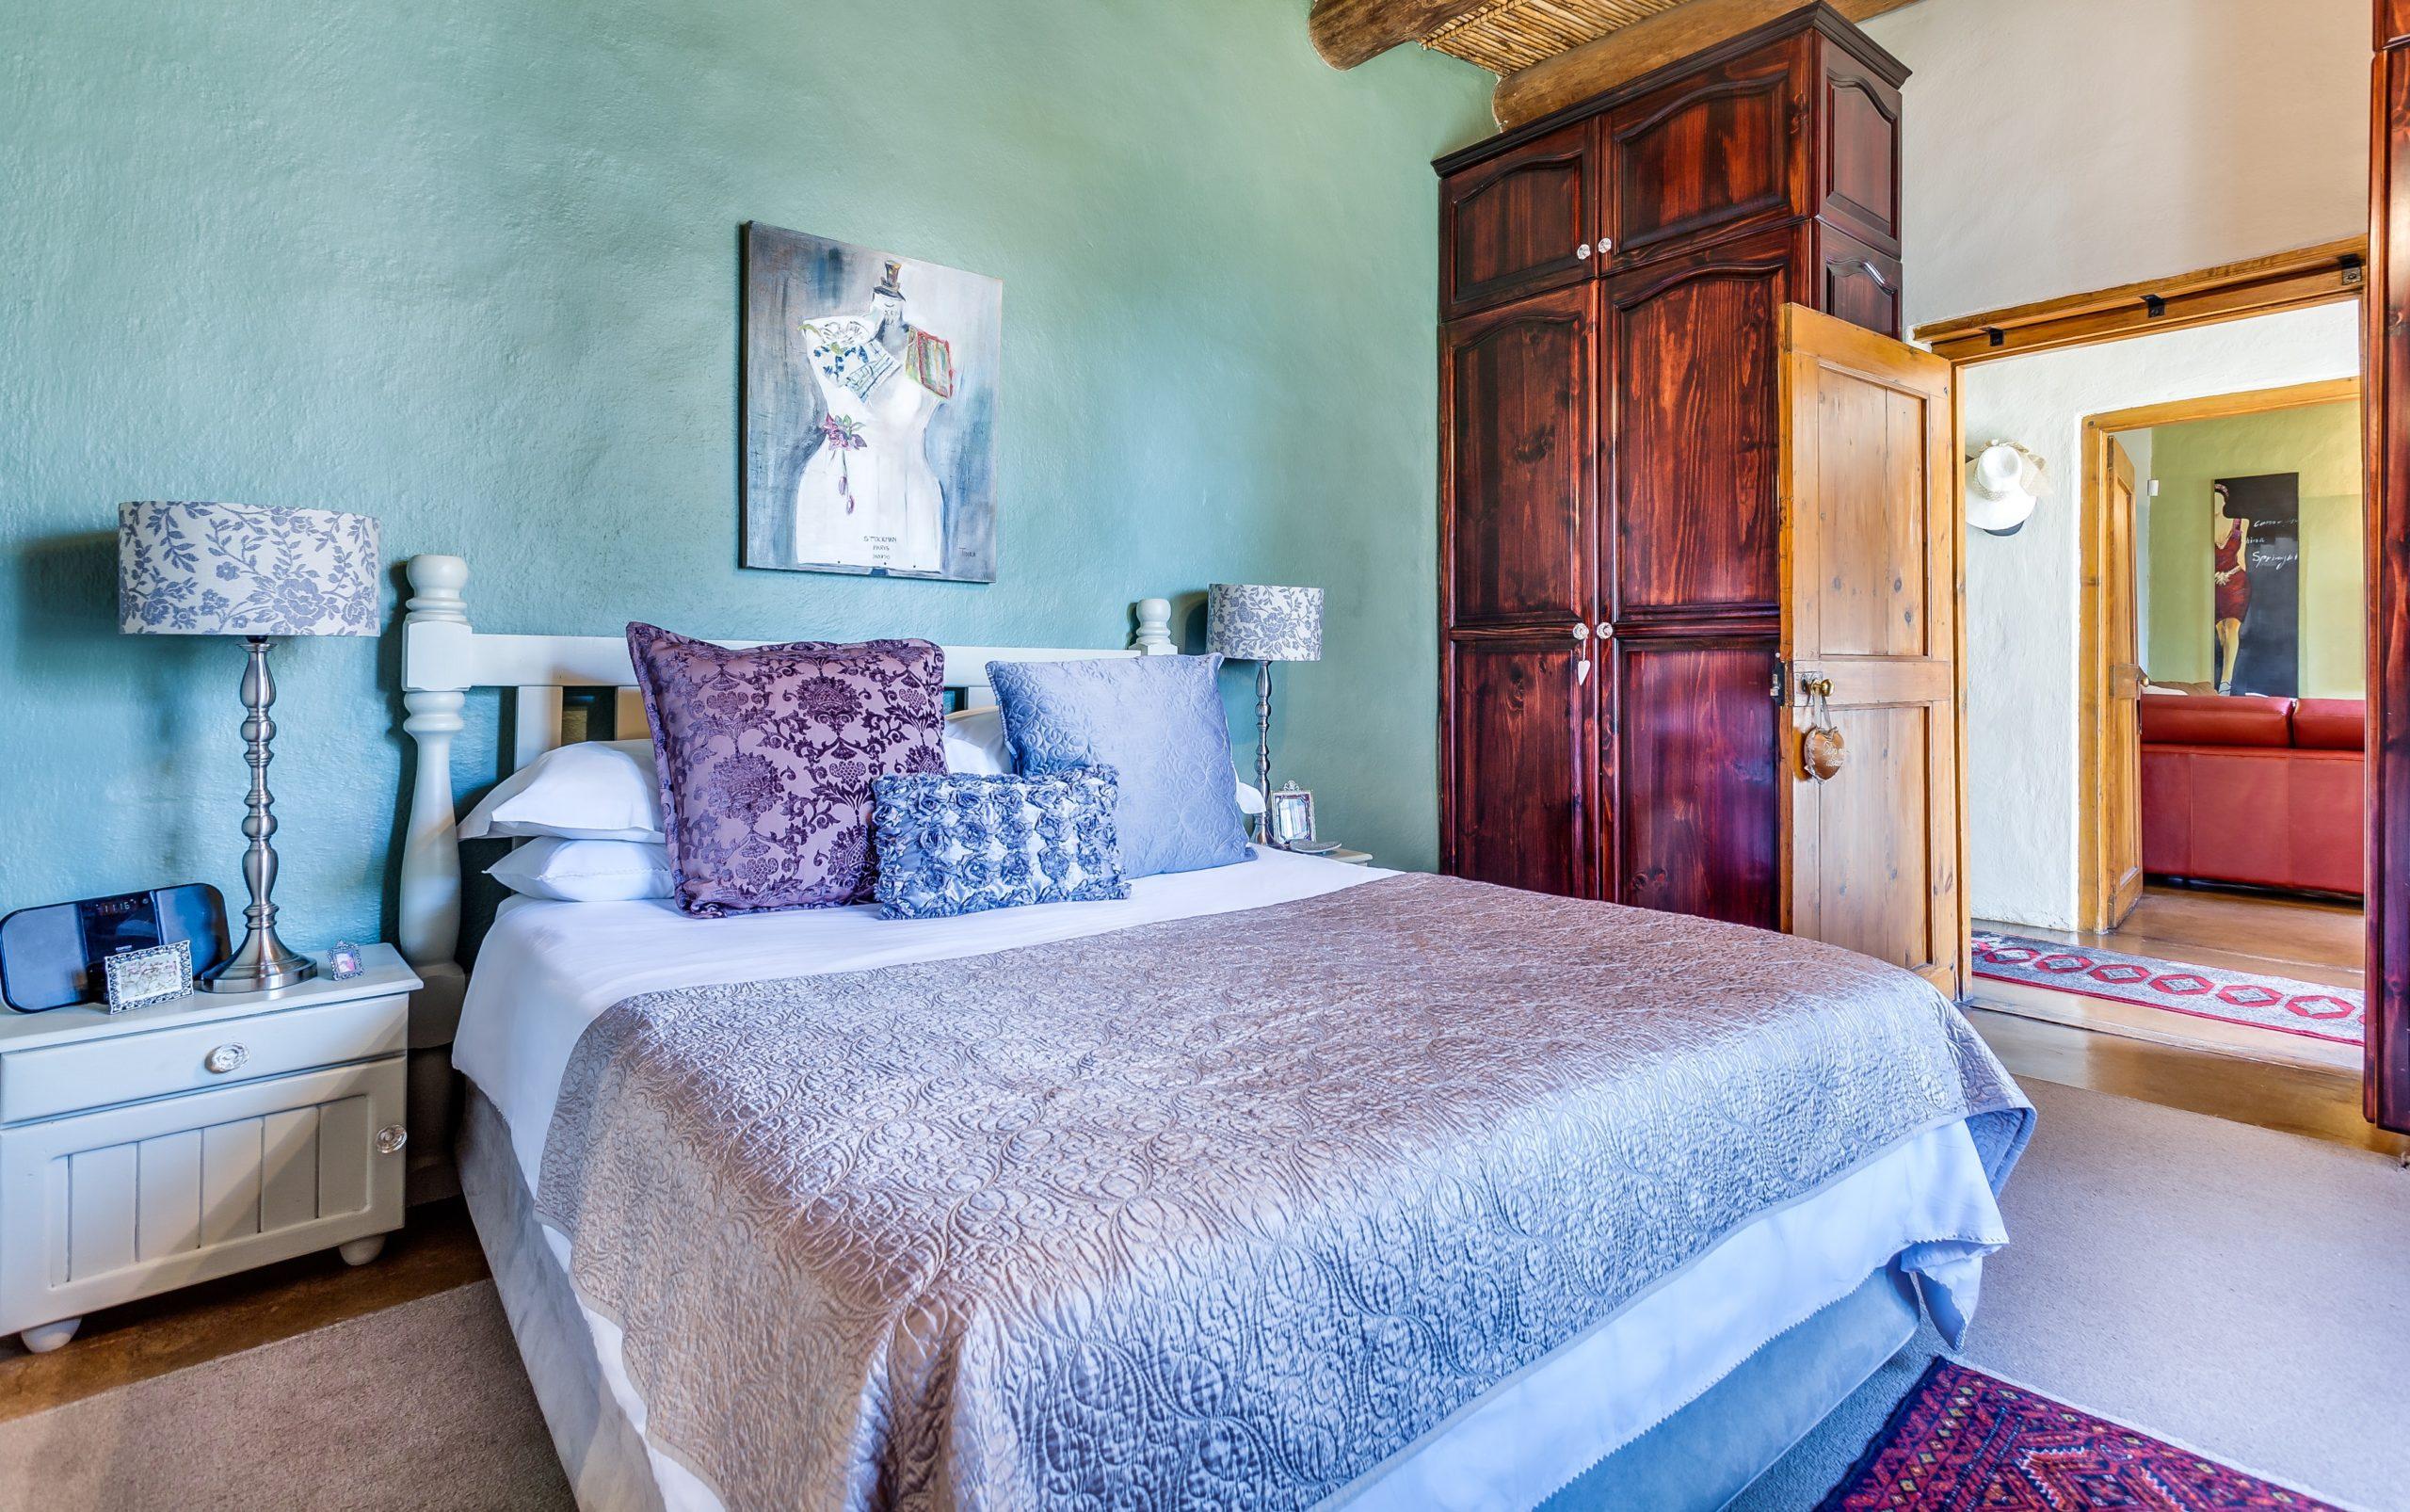 bedroom hd wallpaper